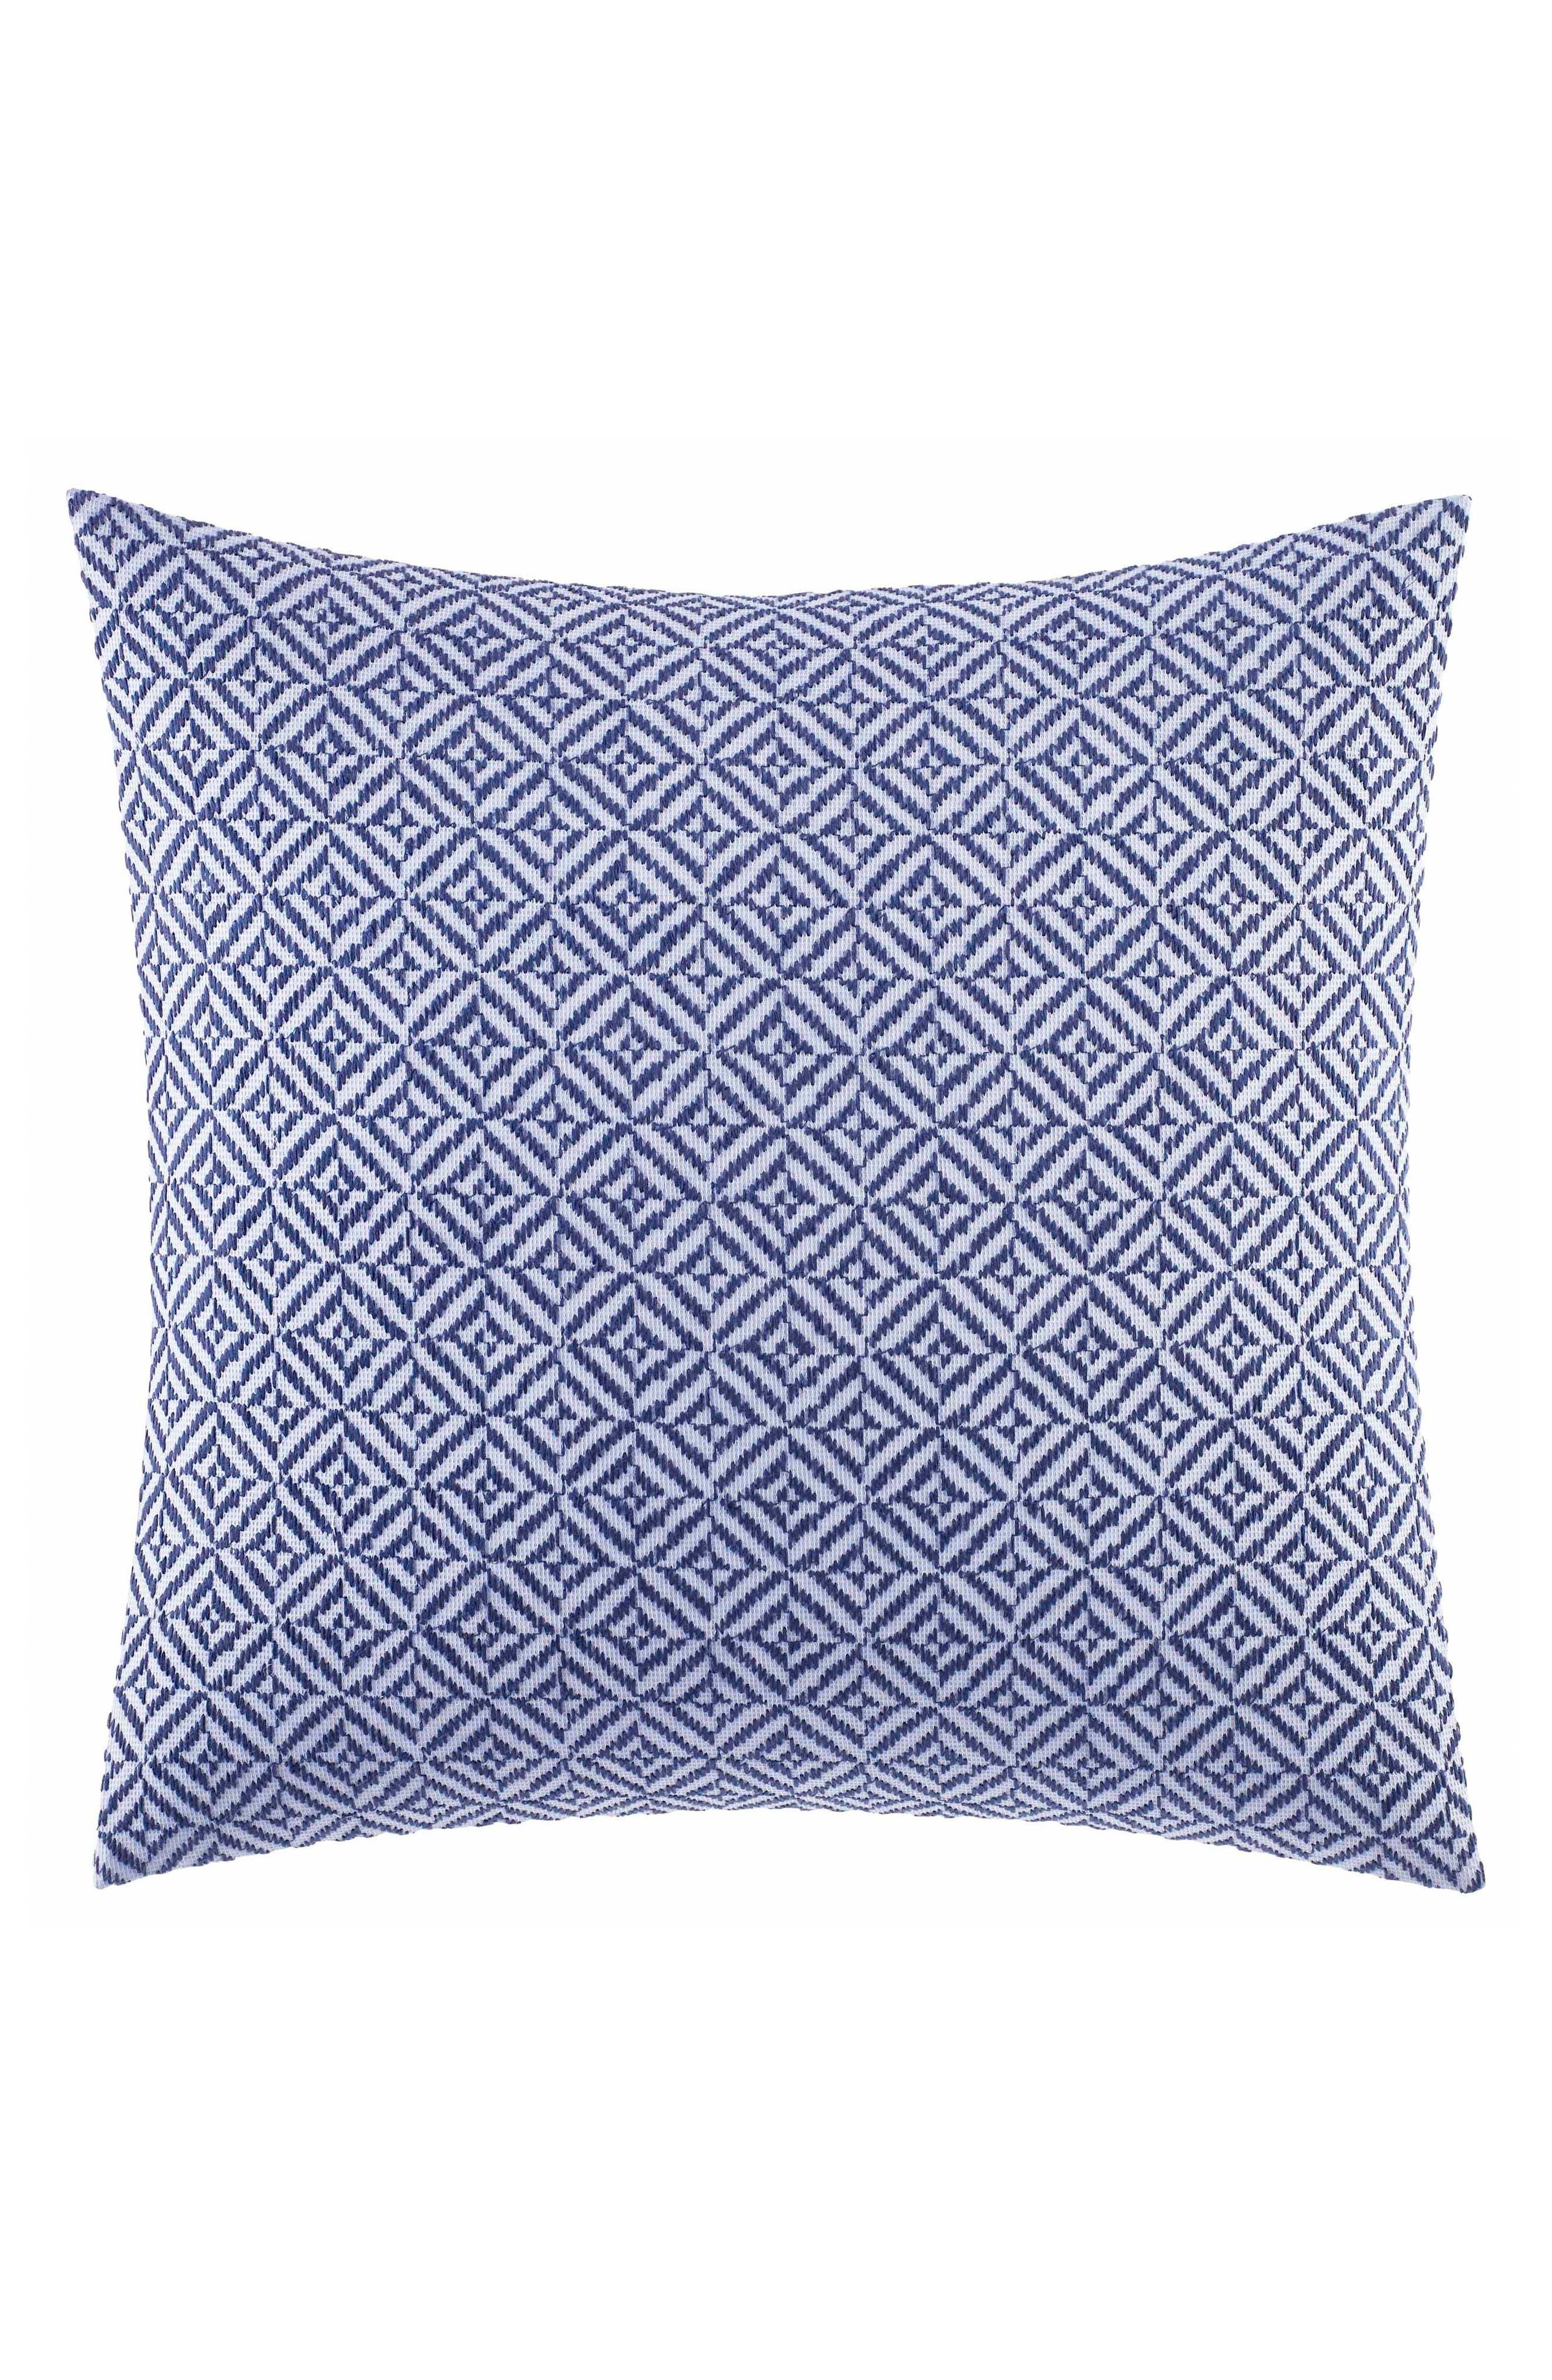 Chevron Accent Pillow,                             Main thumbnail 1, color,                             500